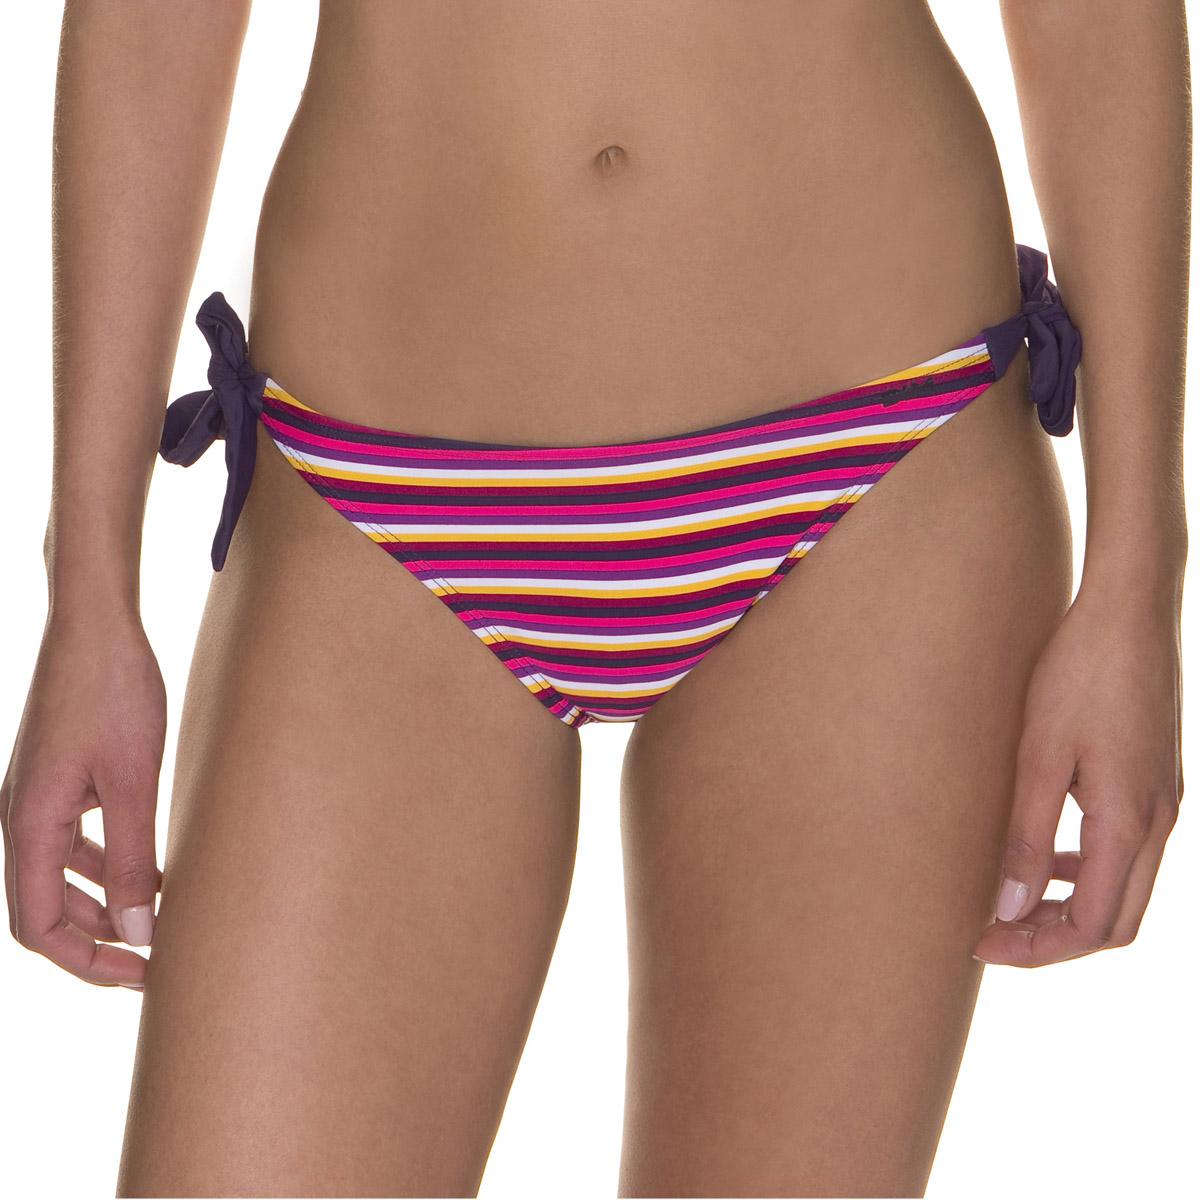 Bas de maillot de bain berlingot violet et jaune